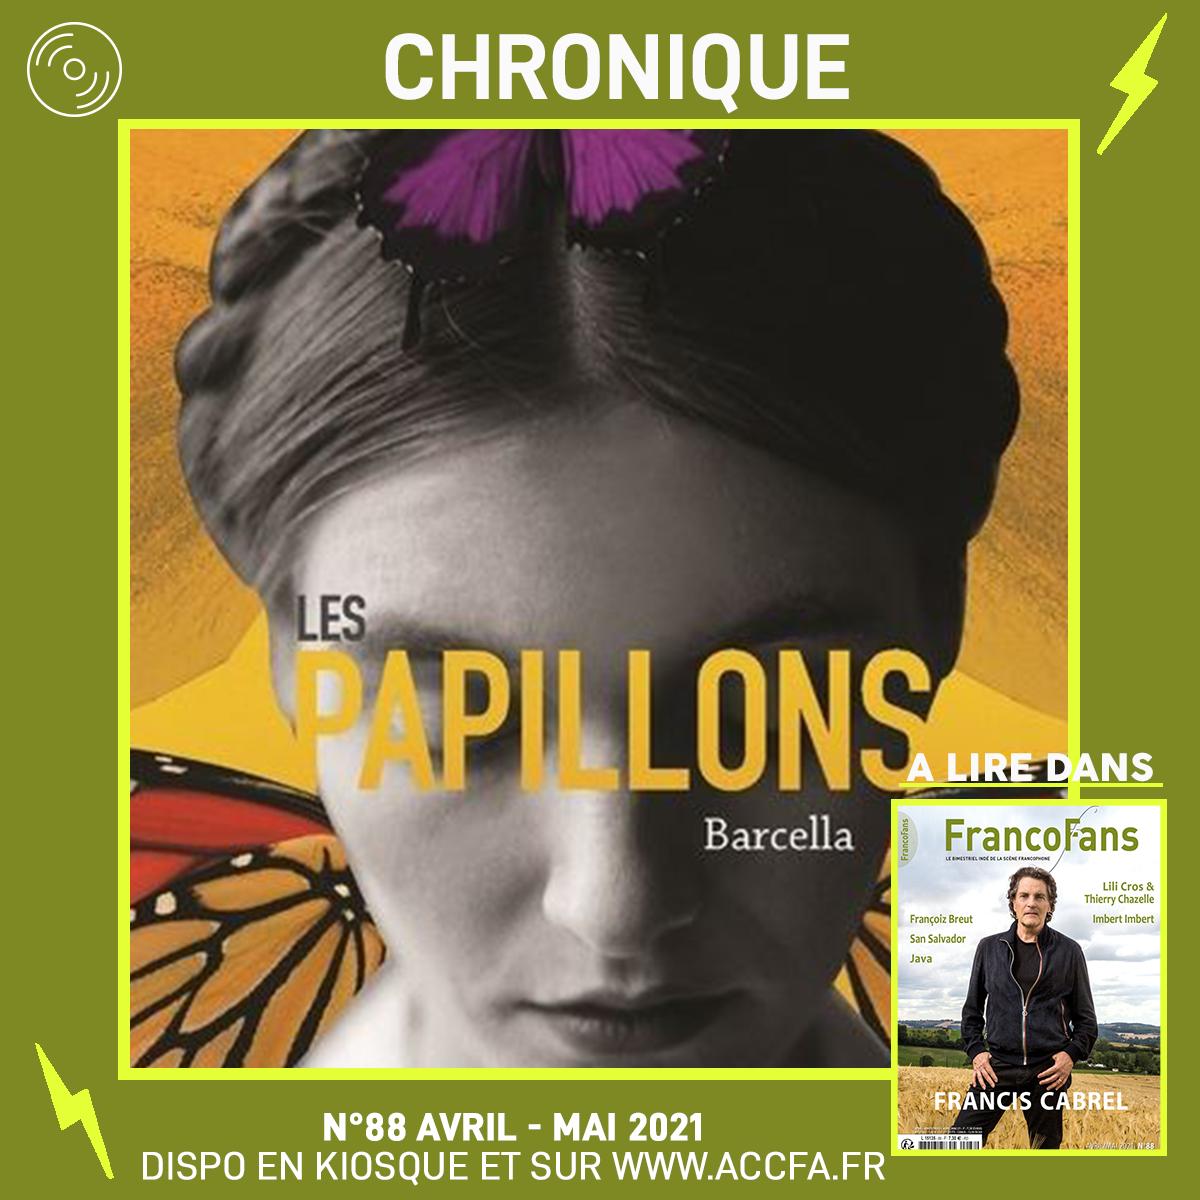 [Chronique] Barcella - Les Papillons (livre)